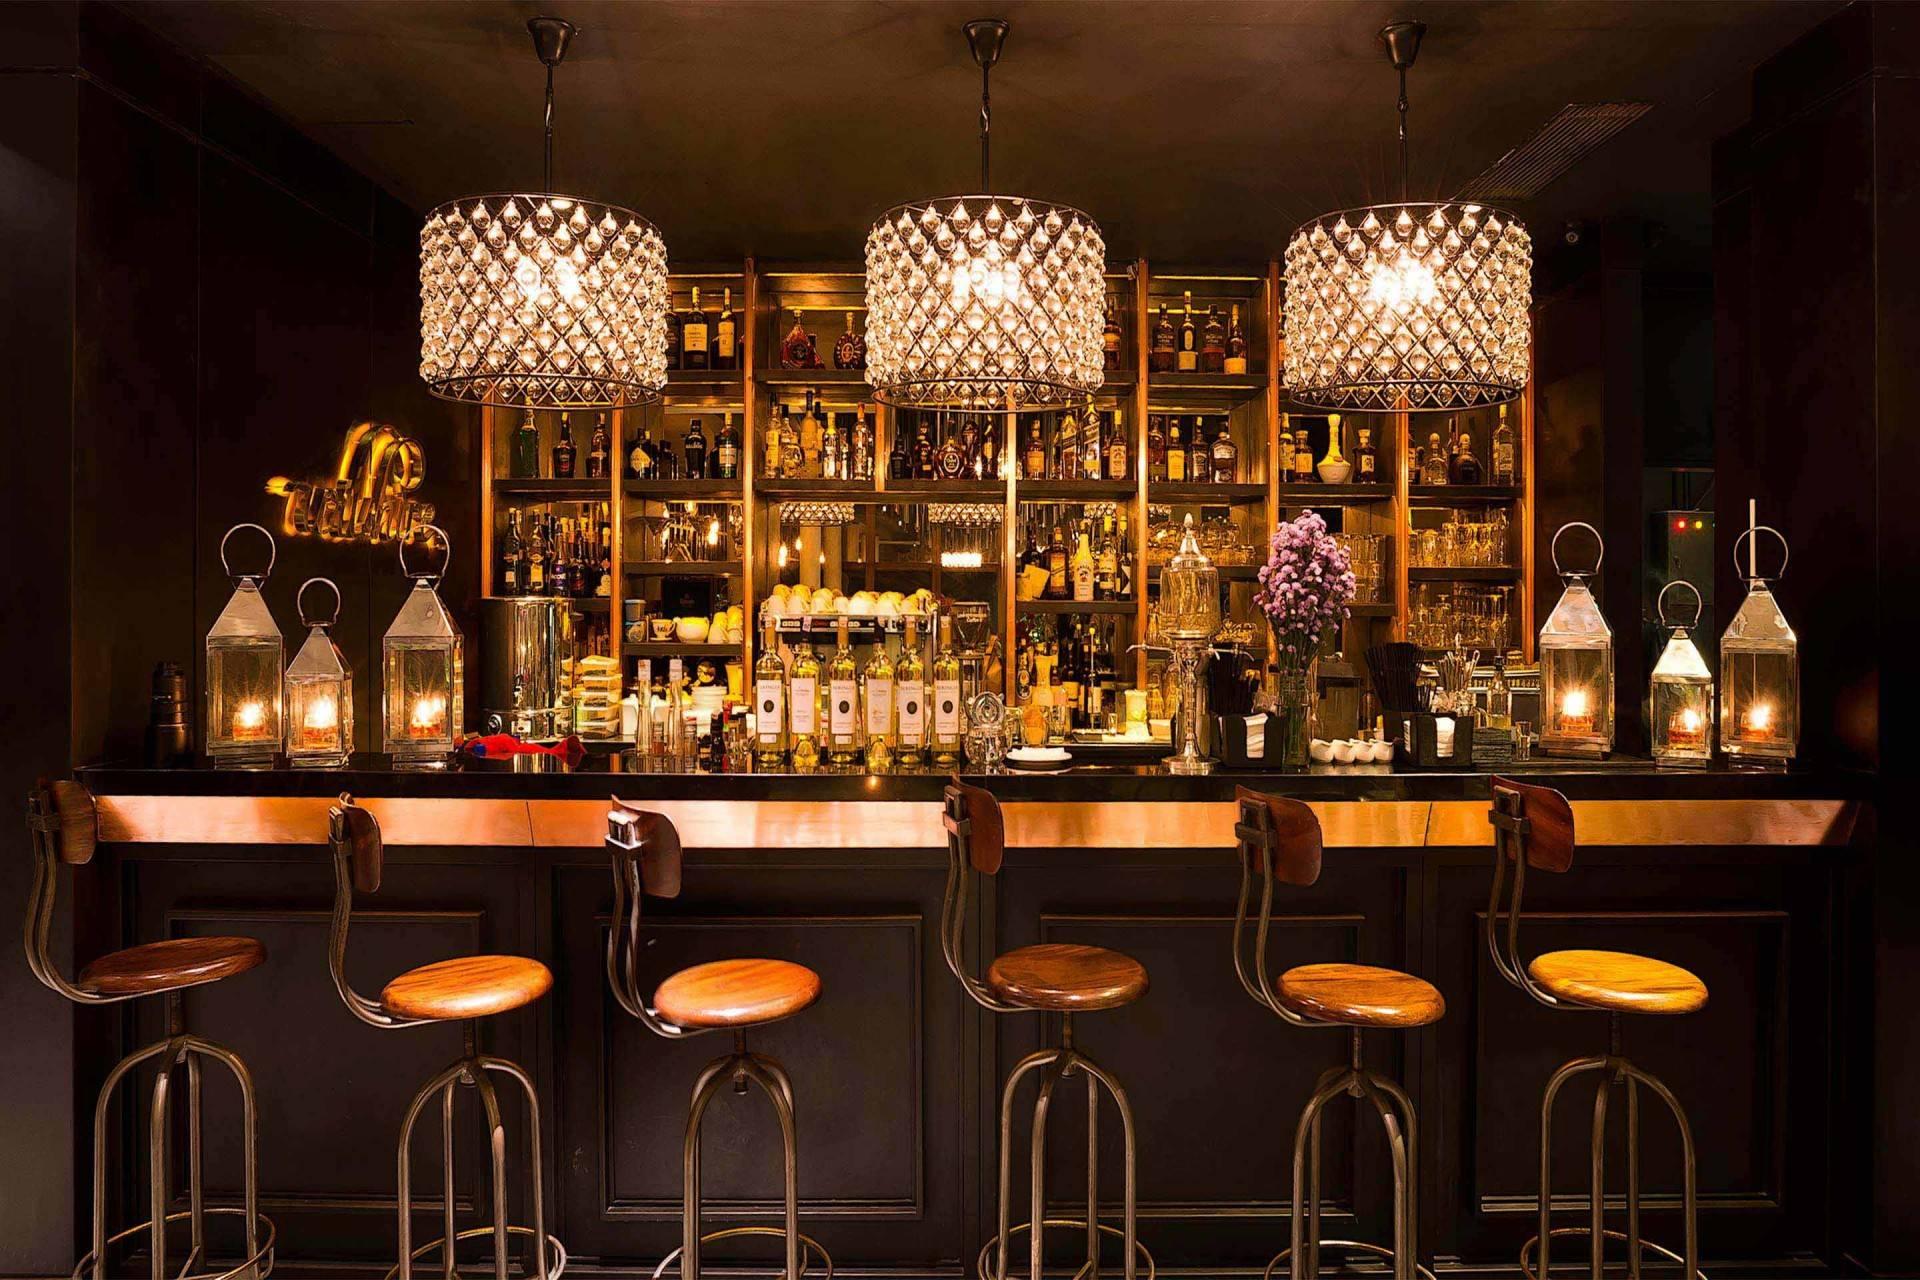 Leo Einstein Fransiscus Wilshire Restaurant Jakarta Senopati 64 - Jakarta Senopati 64 - Jakarta Bar Area Classic  7617